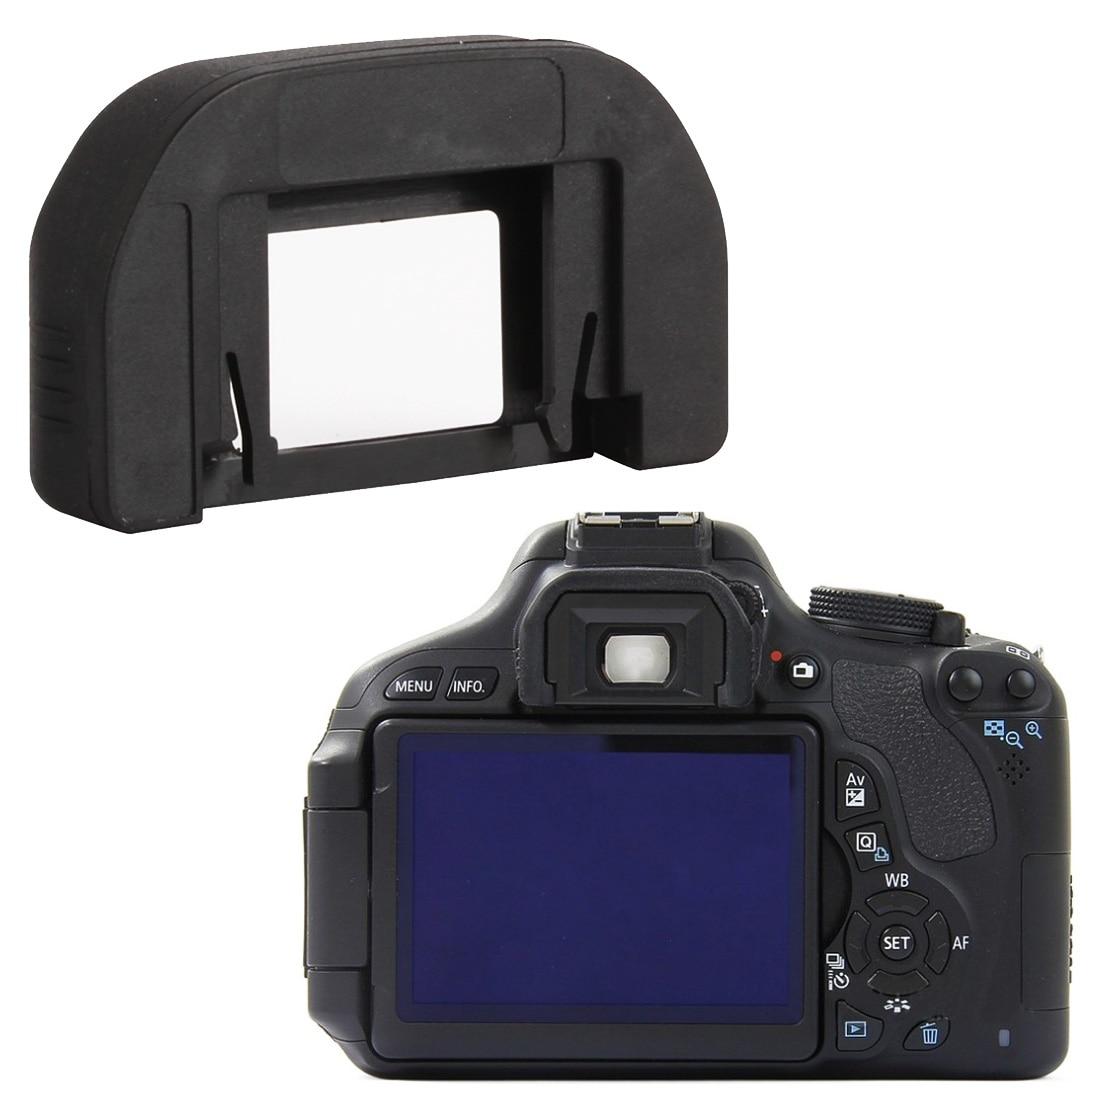 Новое поступление DK-19 DK-20 DK-21 DK-23 DK-24 DK-25 EF EB например EC высокое качество резиновый наглазник окуляра наглазник для цифровой зеркальной камеры Nikon Canon SLR Came